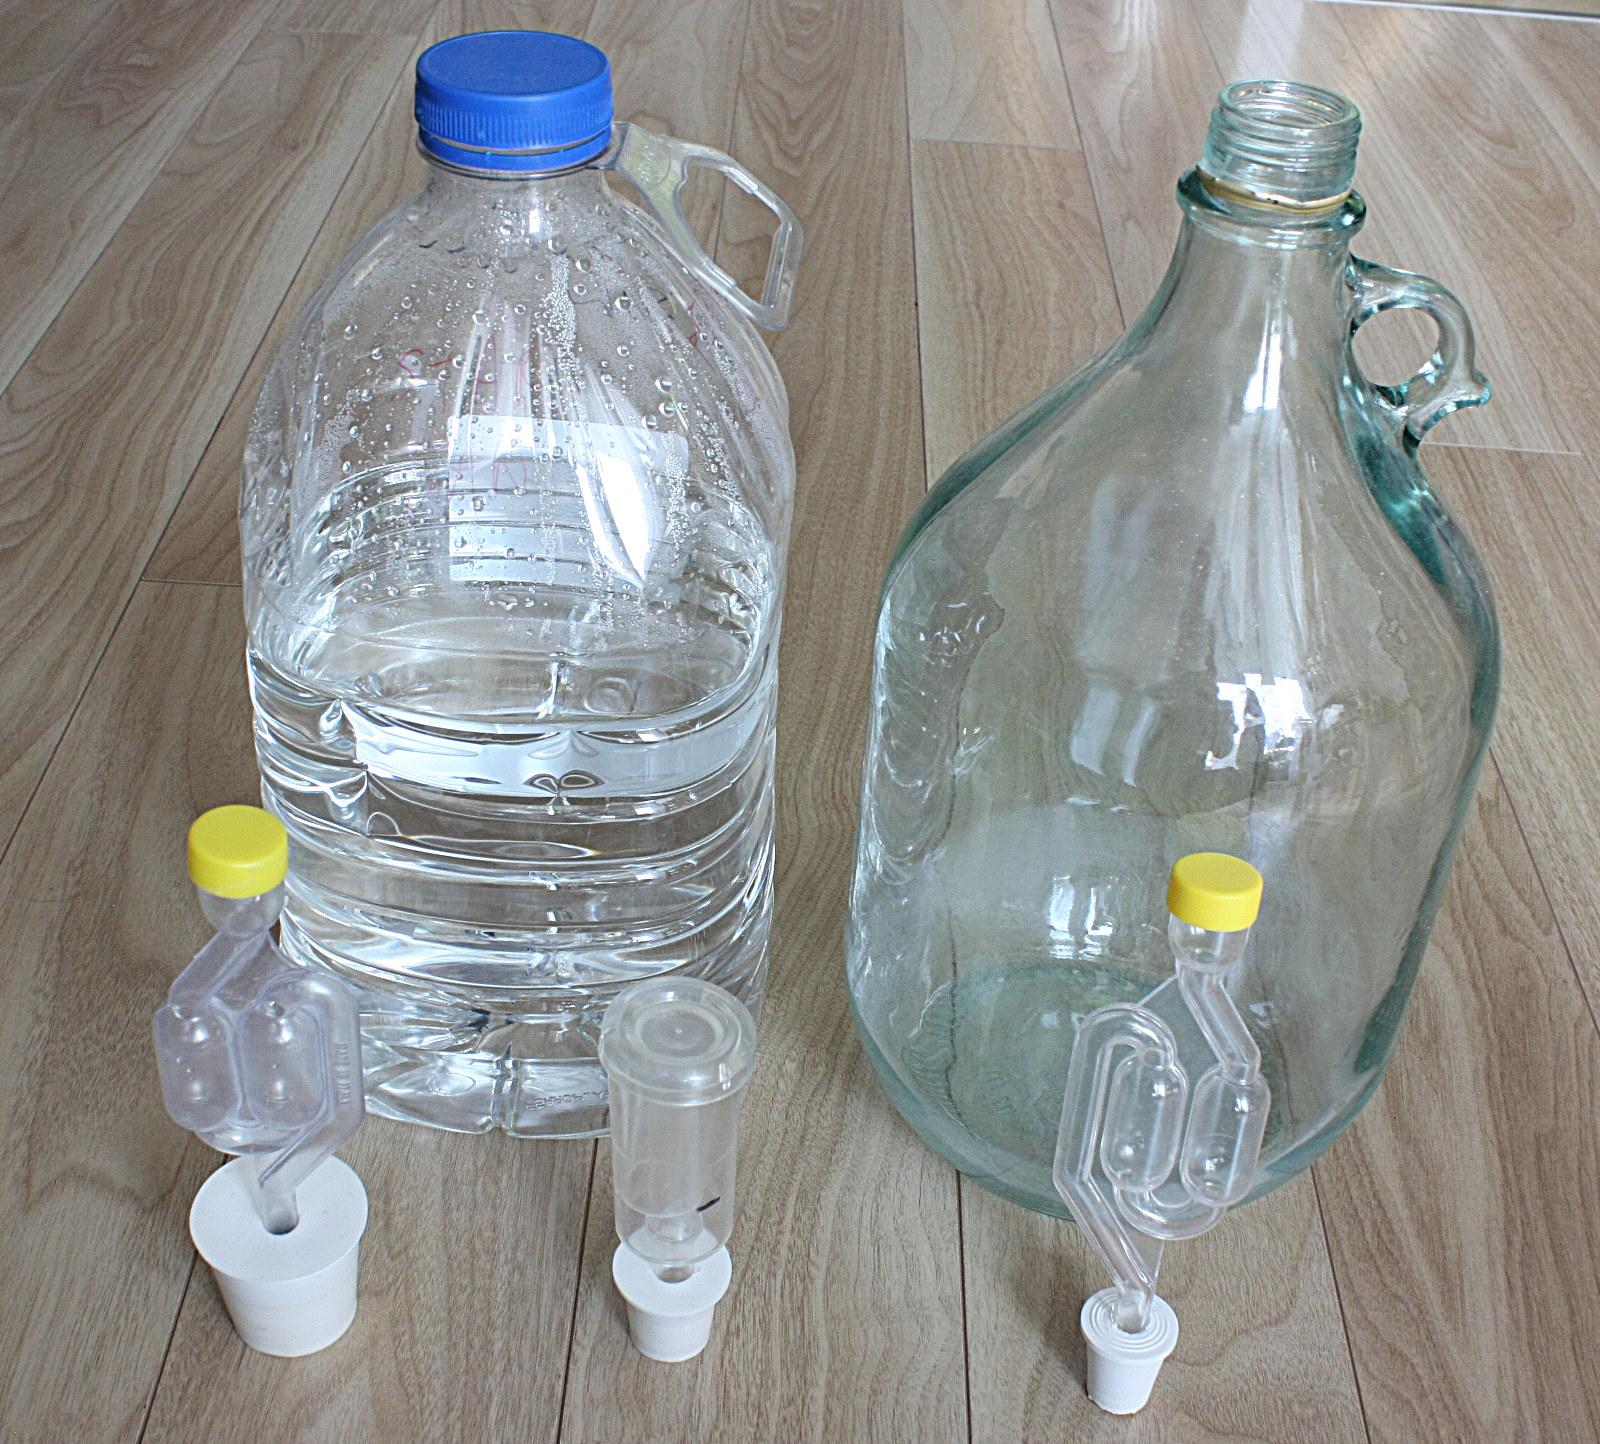 A lehetséges erjesztők. Előtérben a kotyogó típusokkal. Alapvetően az üveg erjesztőt ajánlom, de hallottam olyanról a ki a műanyagot sikeresen használta.